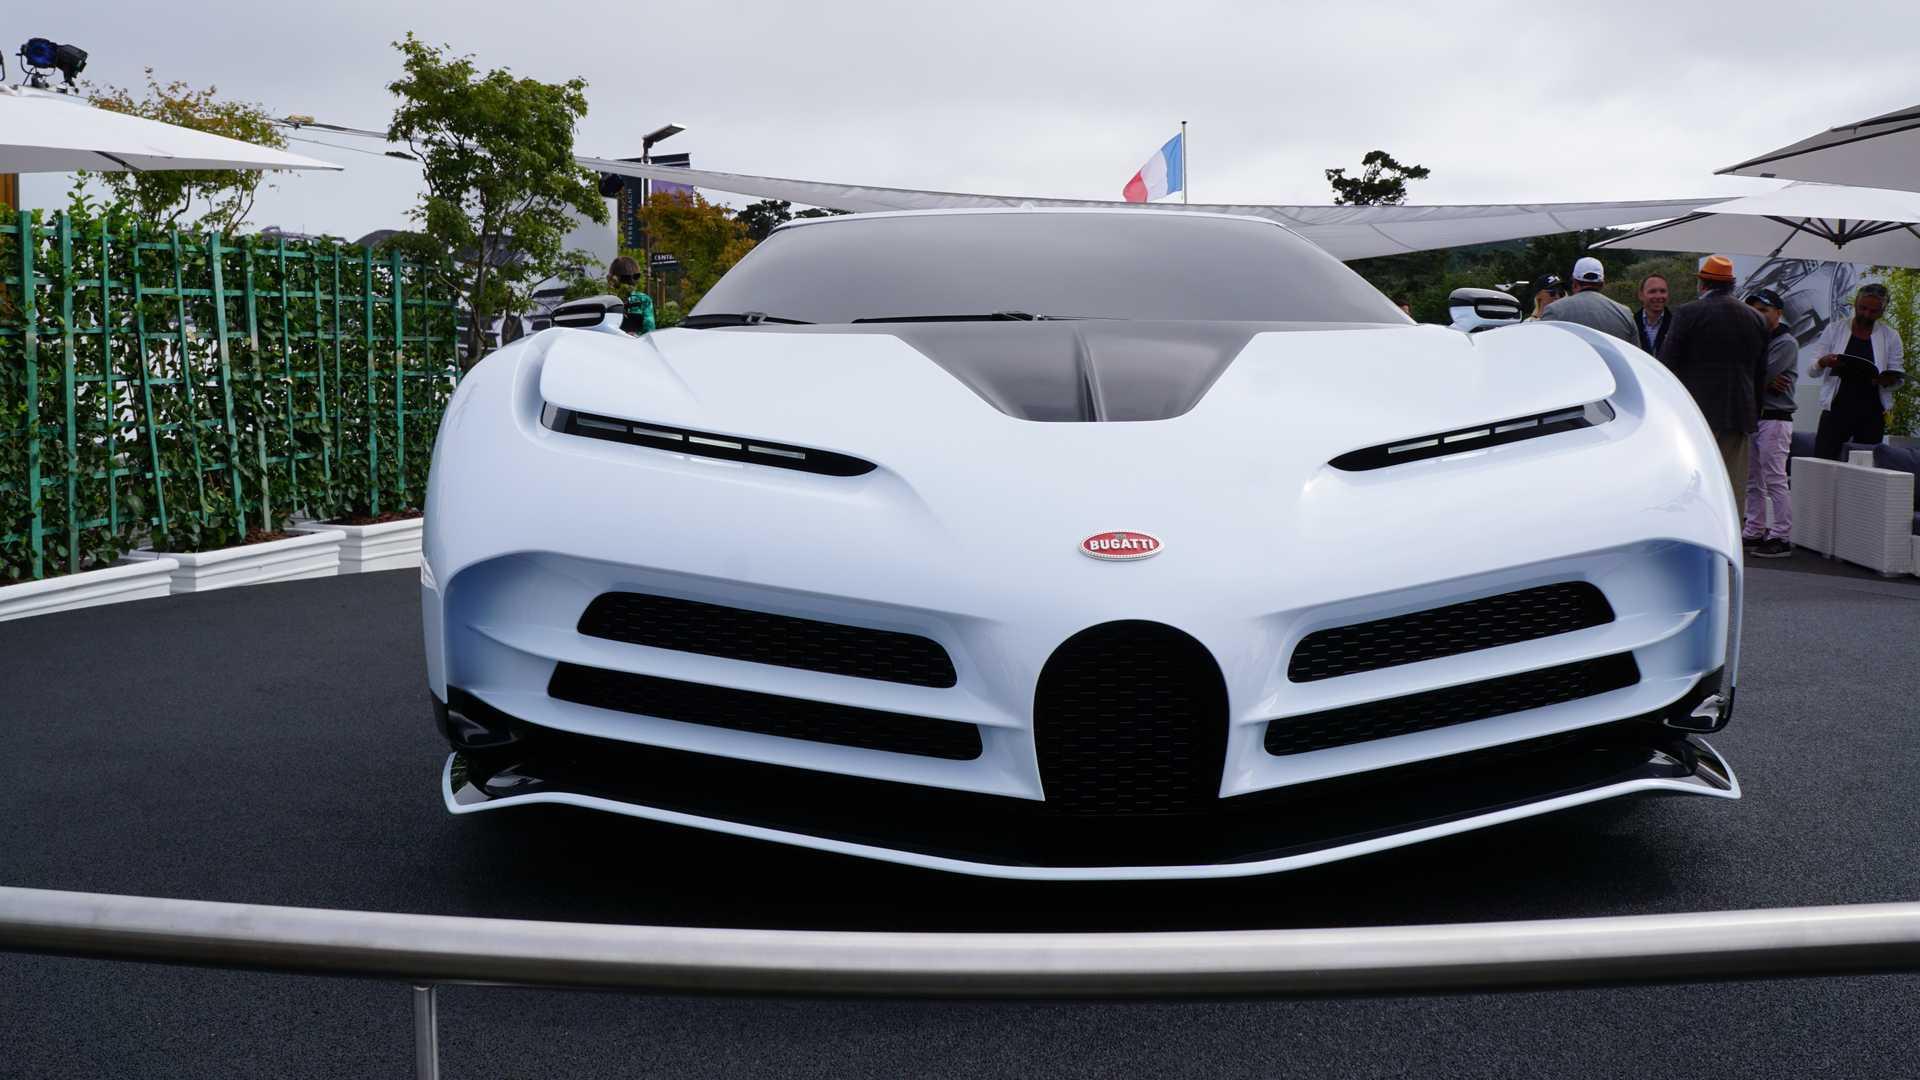 Bugatti Centodieci – siêu xe 9 triệu đô cháy hàng ngay khi ra mắt 06